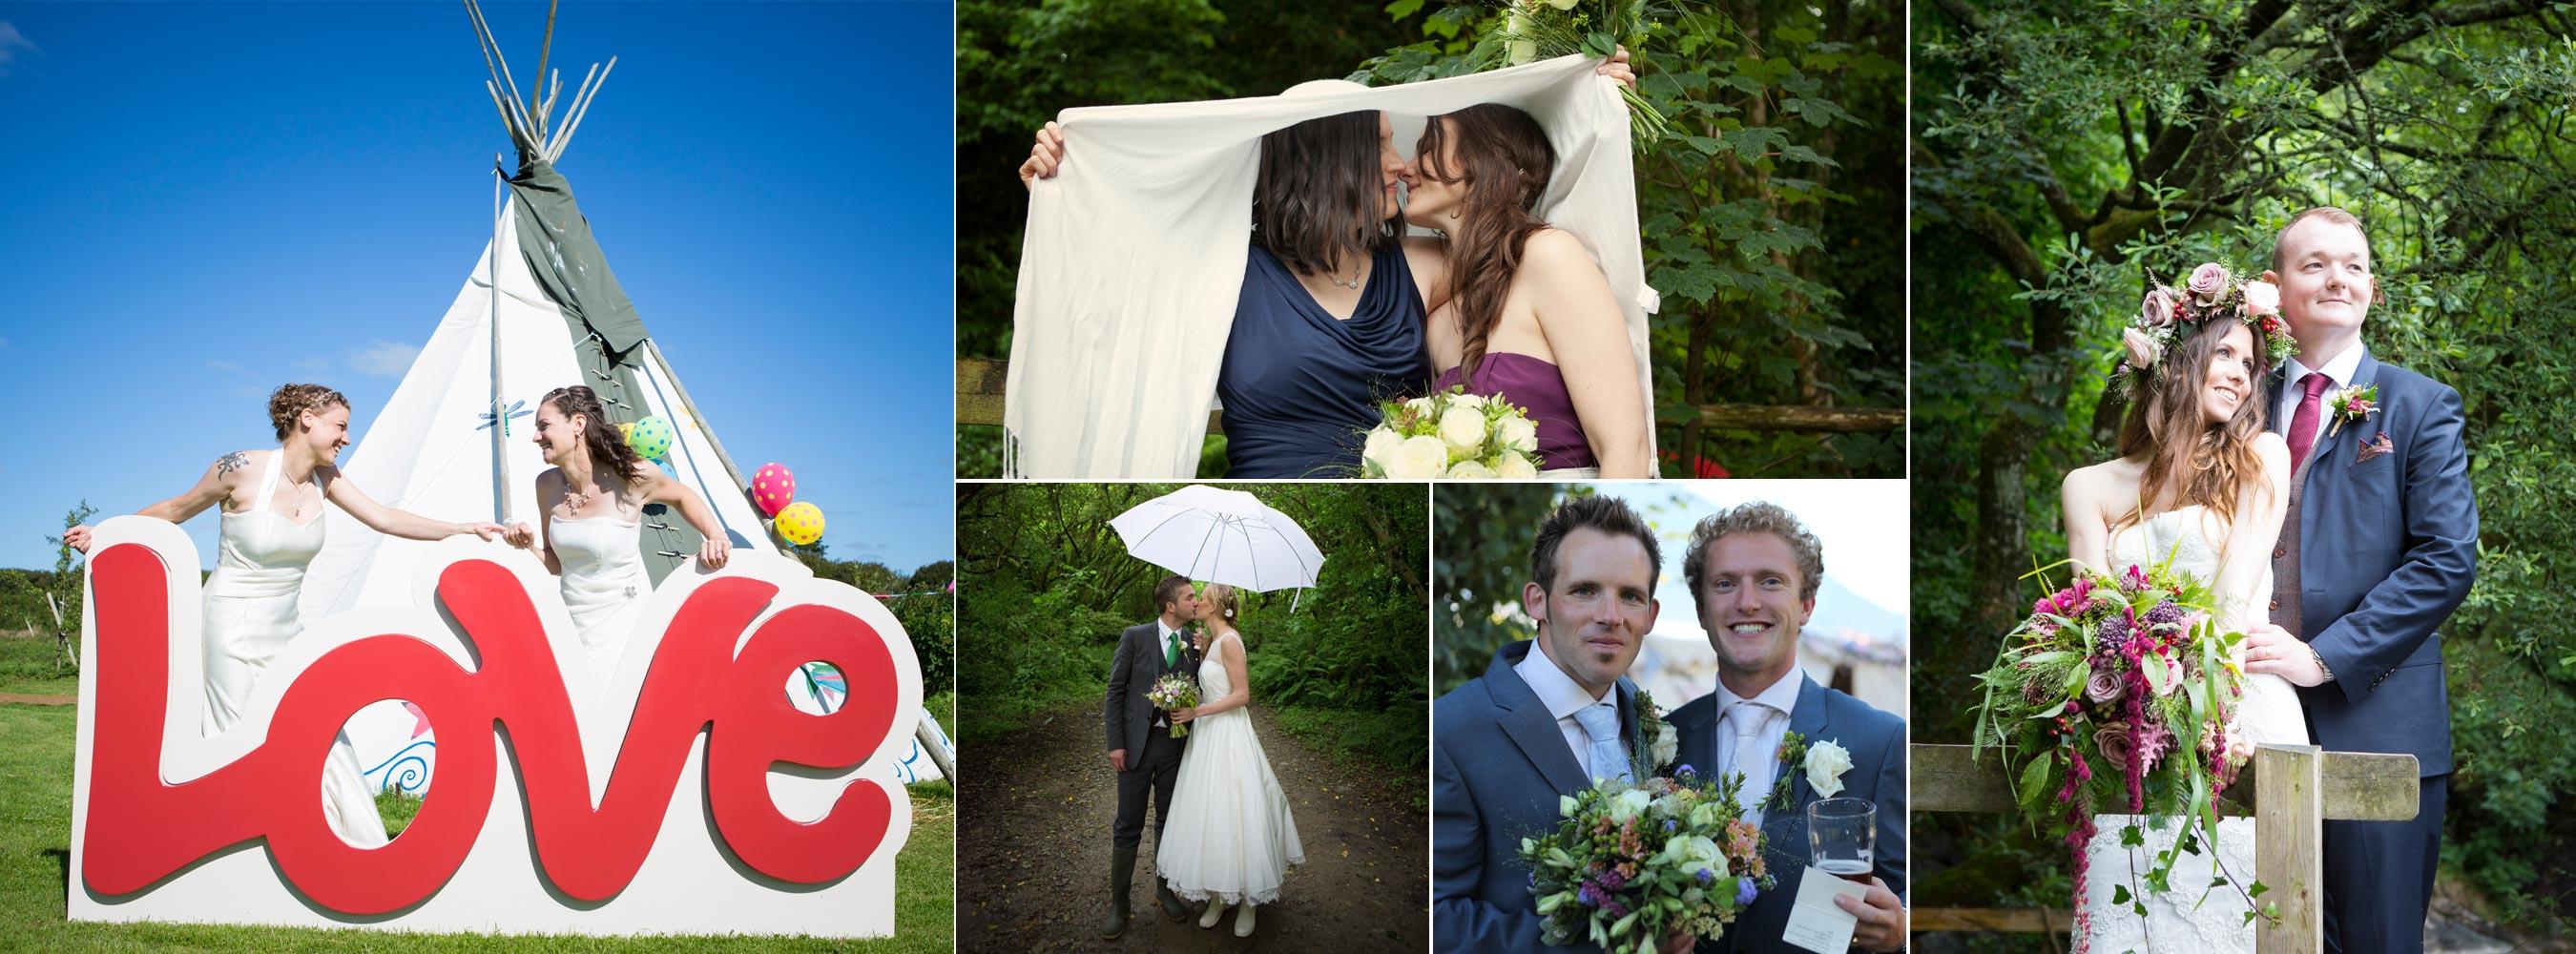 Couples Woodland Weddings